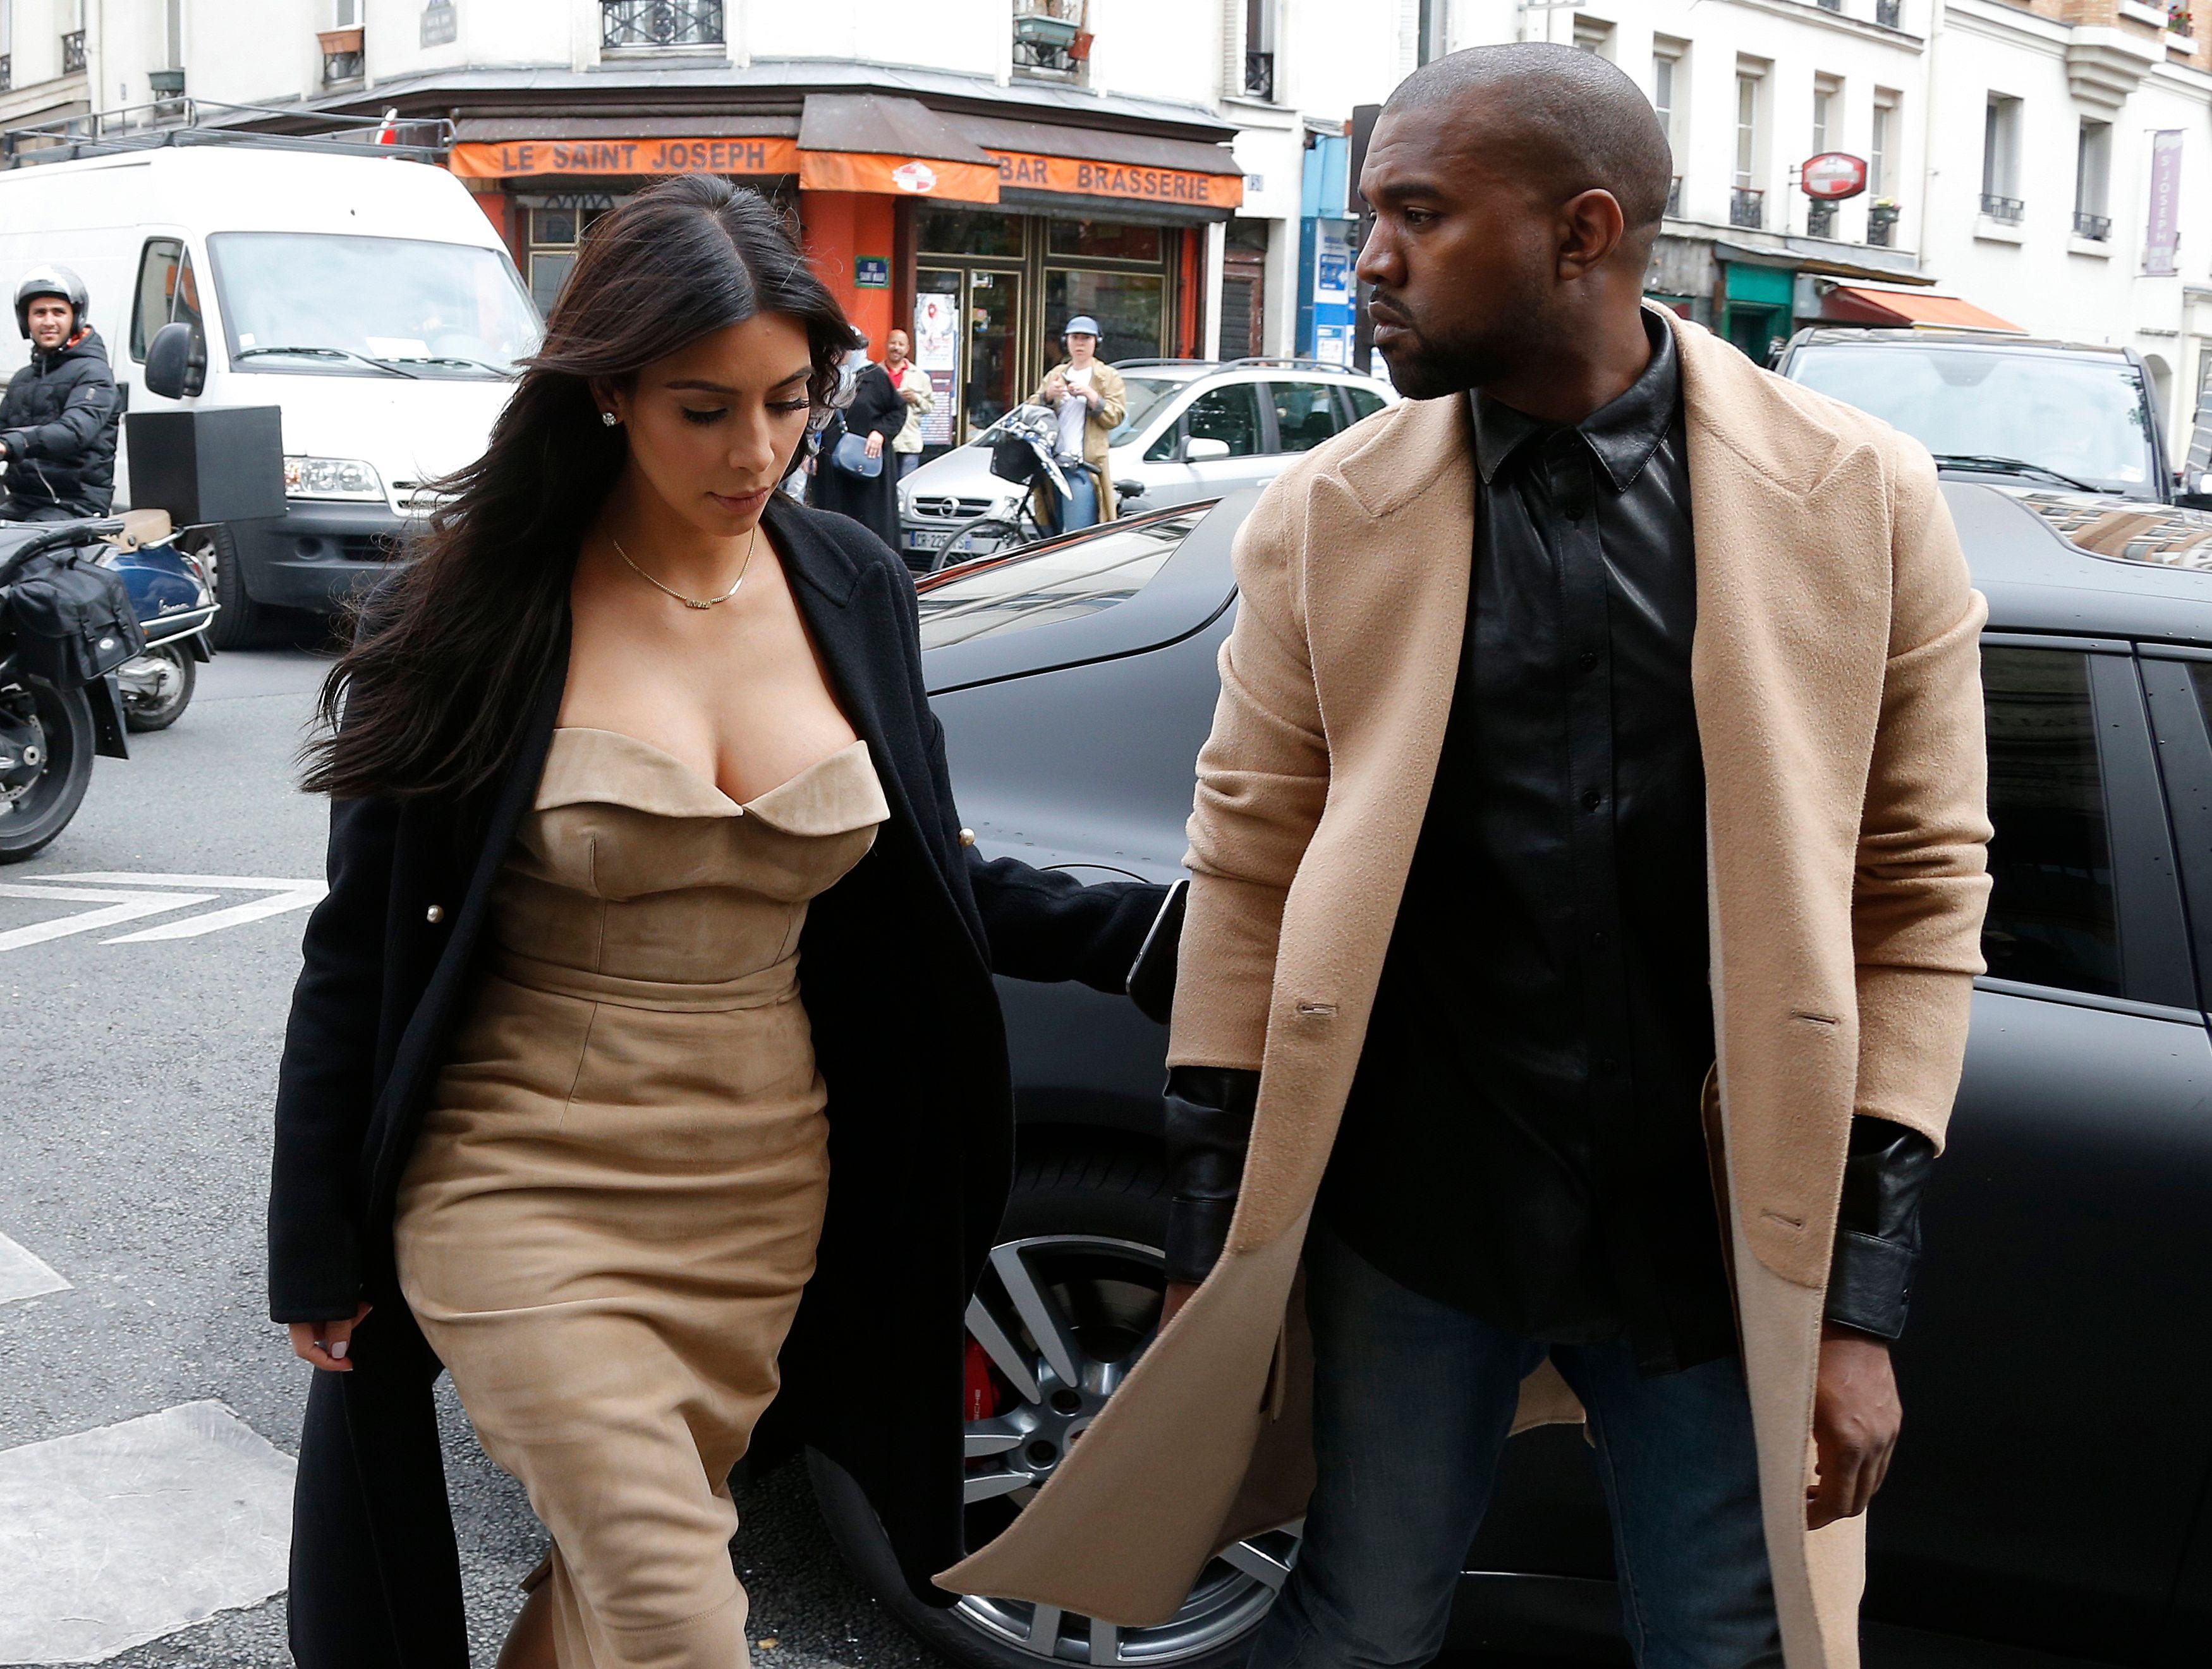 Braquage de Kim Kardashian : 300 000 euros en espèces découverts lors des perquisitions